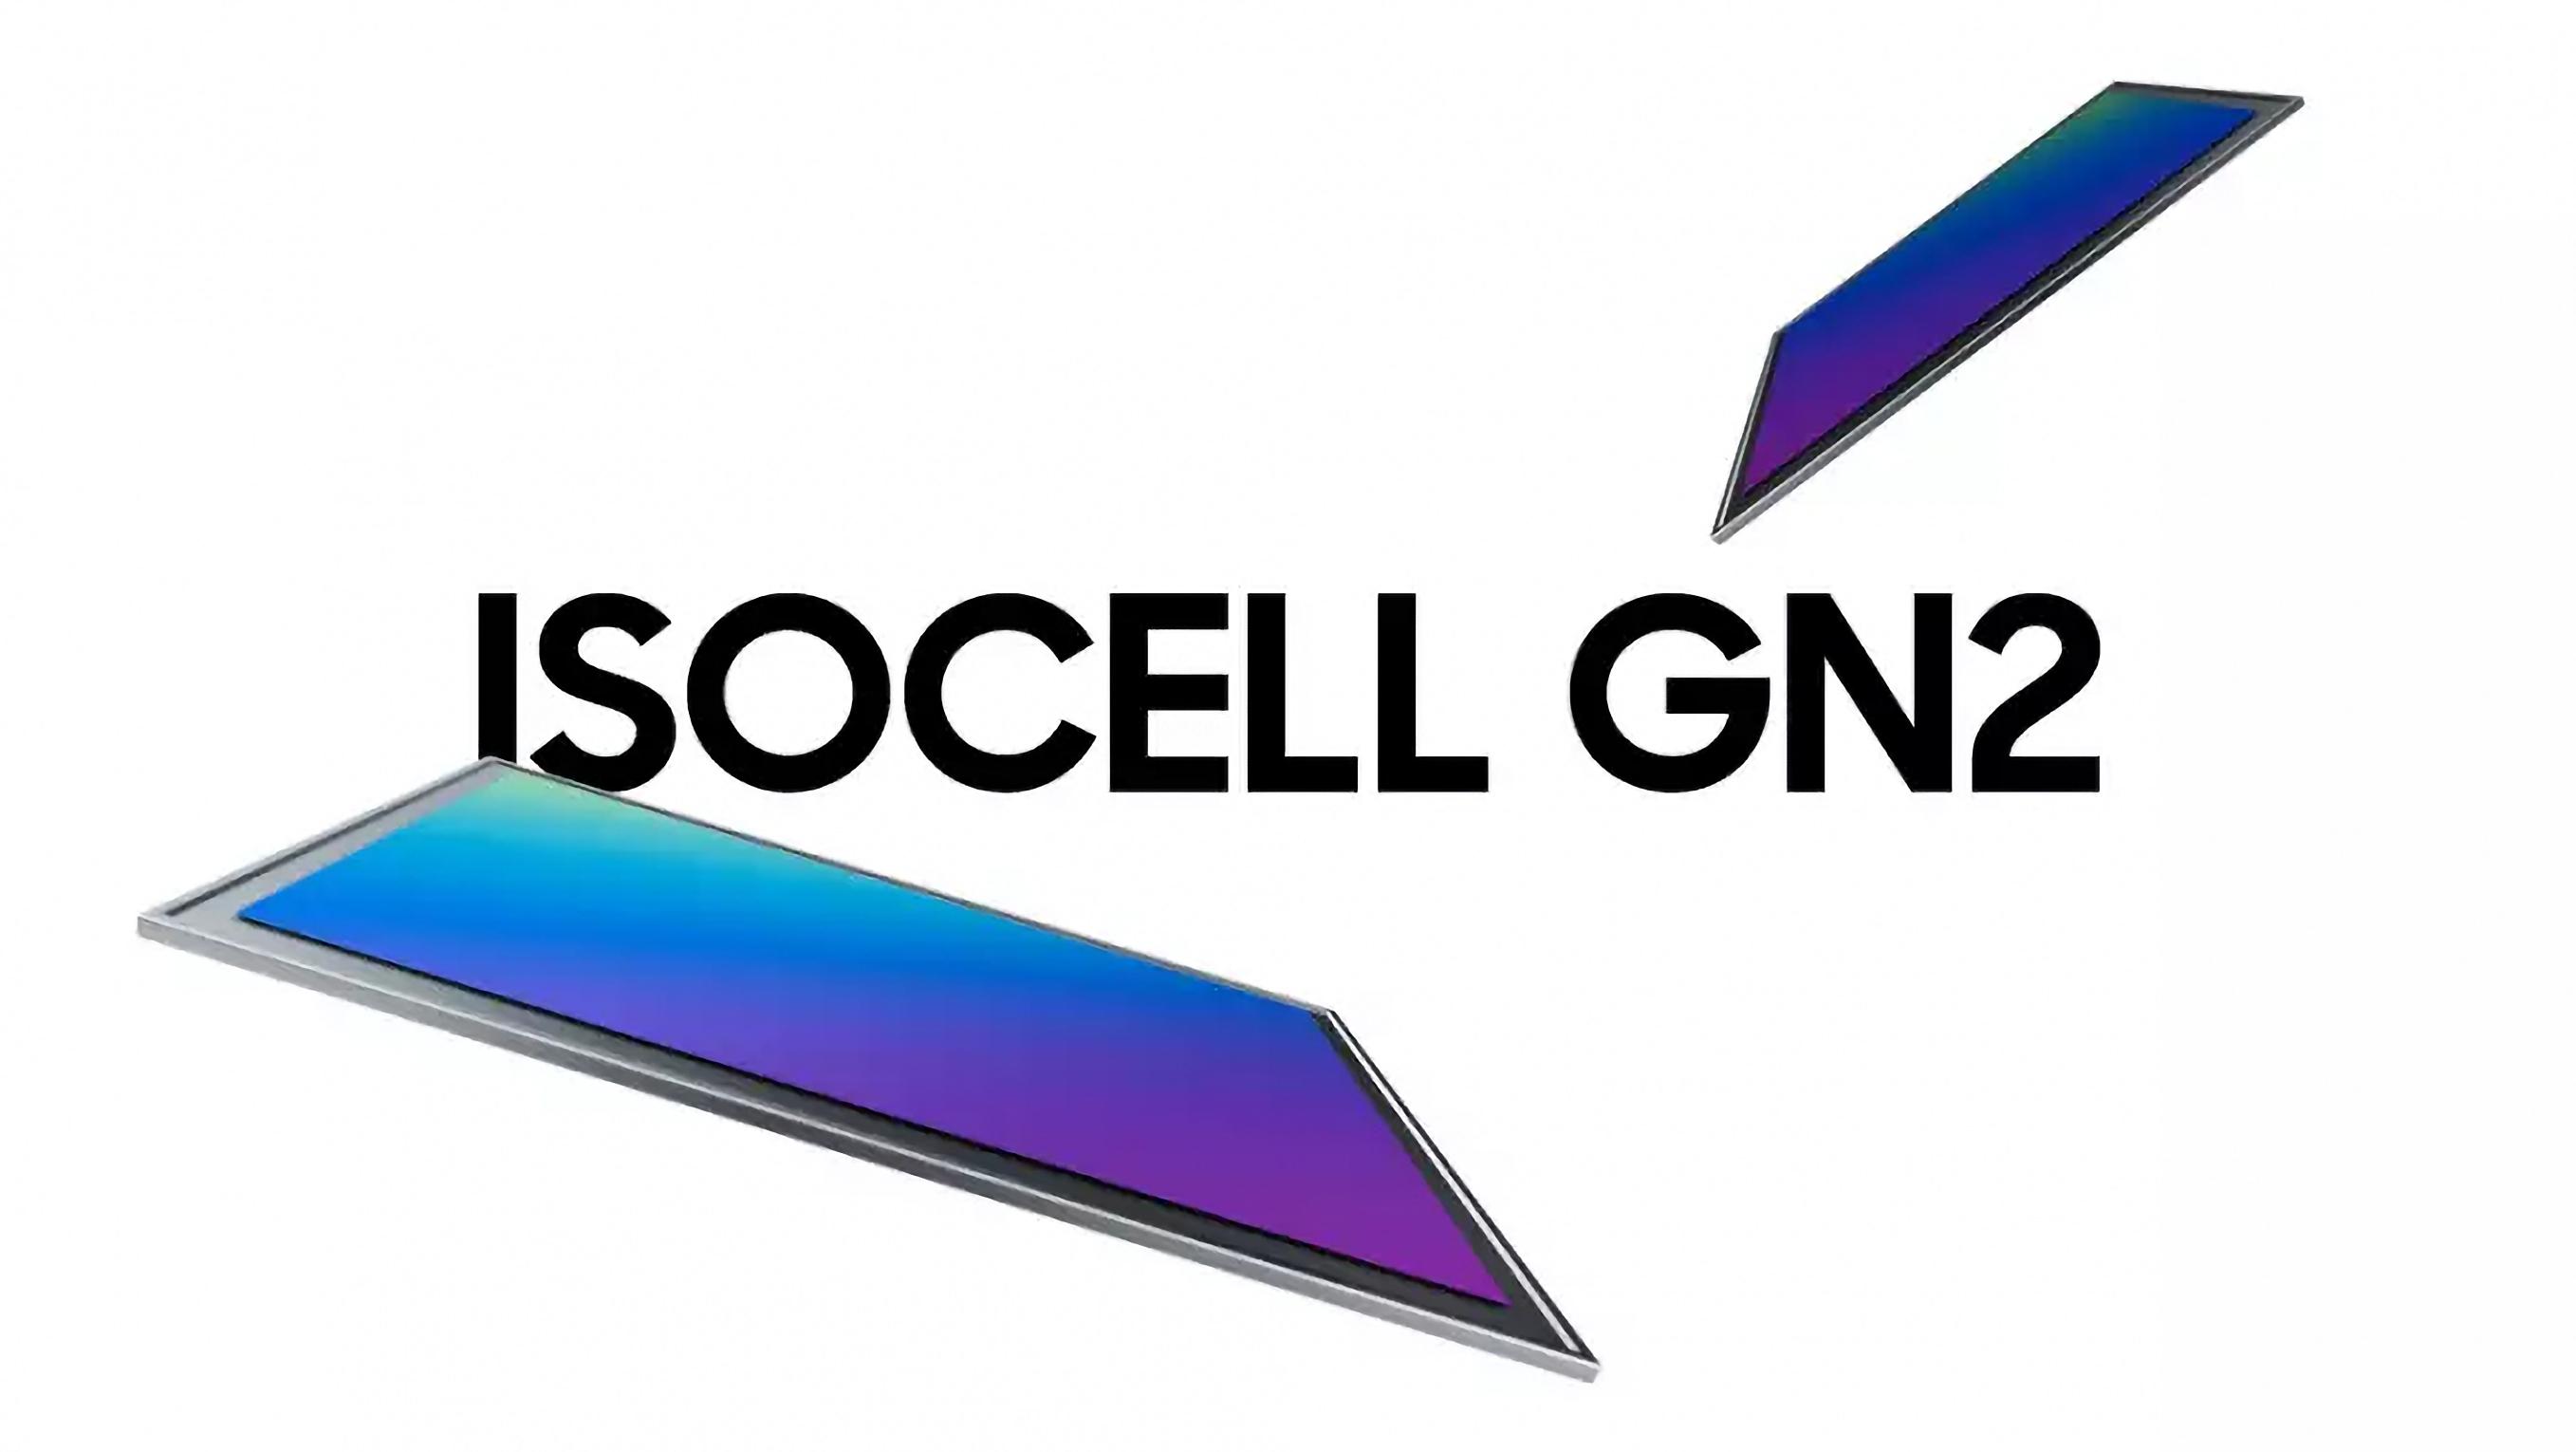 Samsung анонсировала ISOCELL GN2: 50-мегапиксельный сенсор с поддержкой технологии Dual Pixel Pro